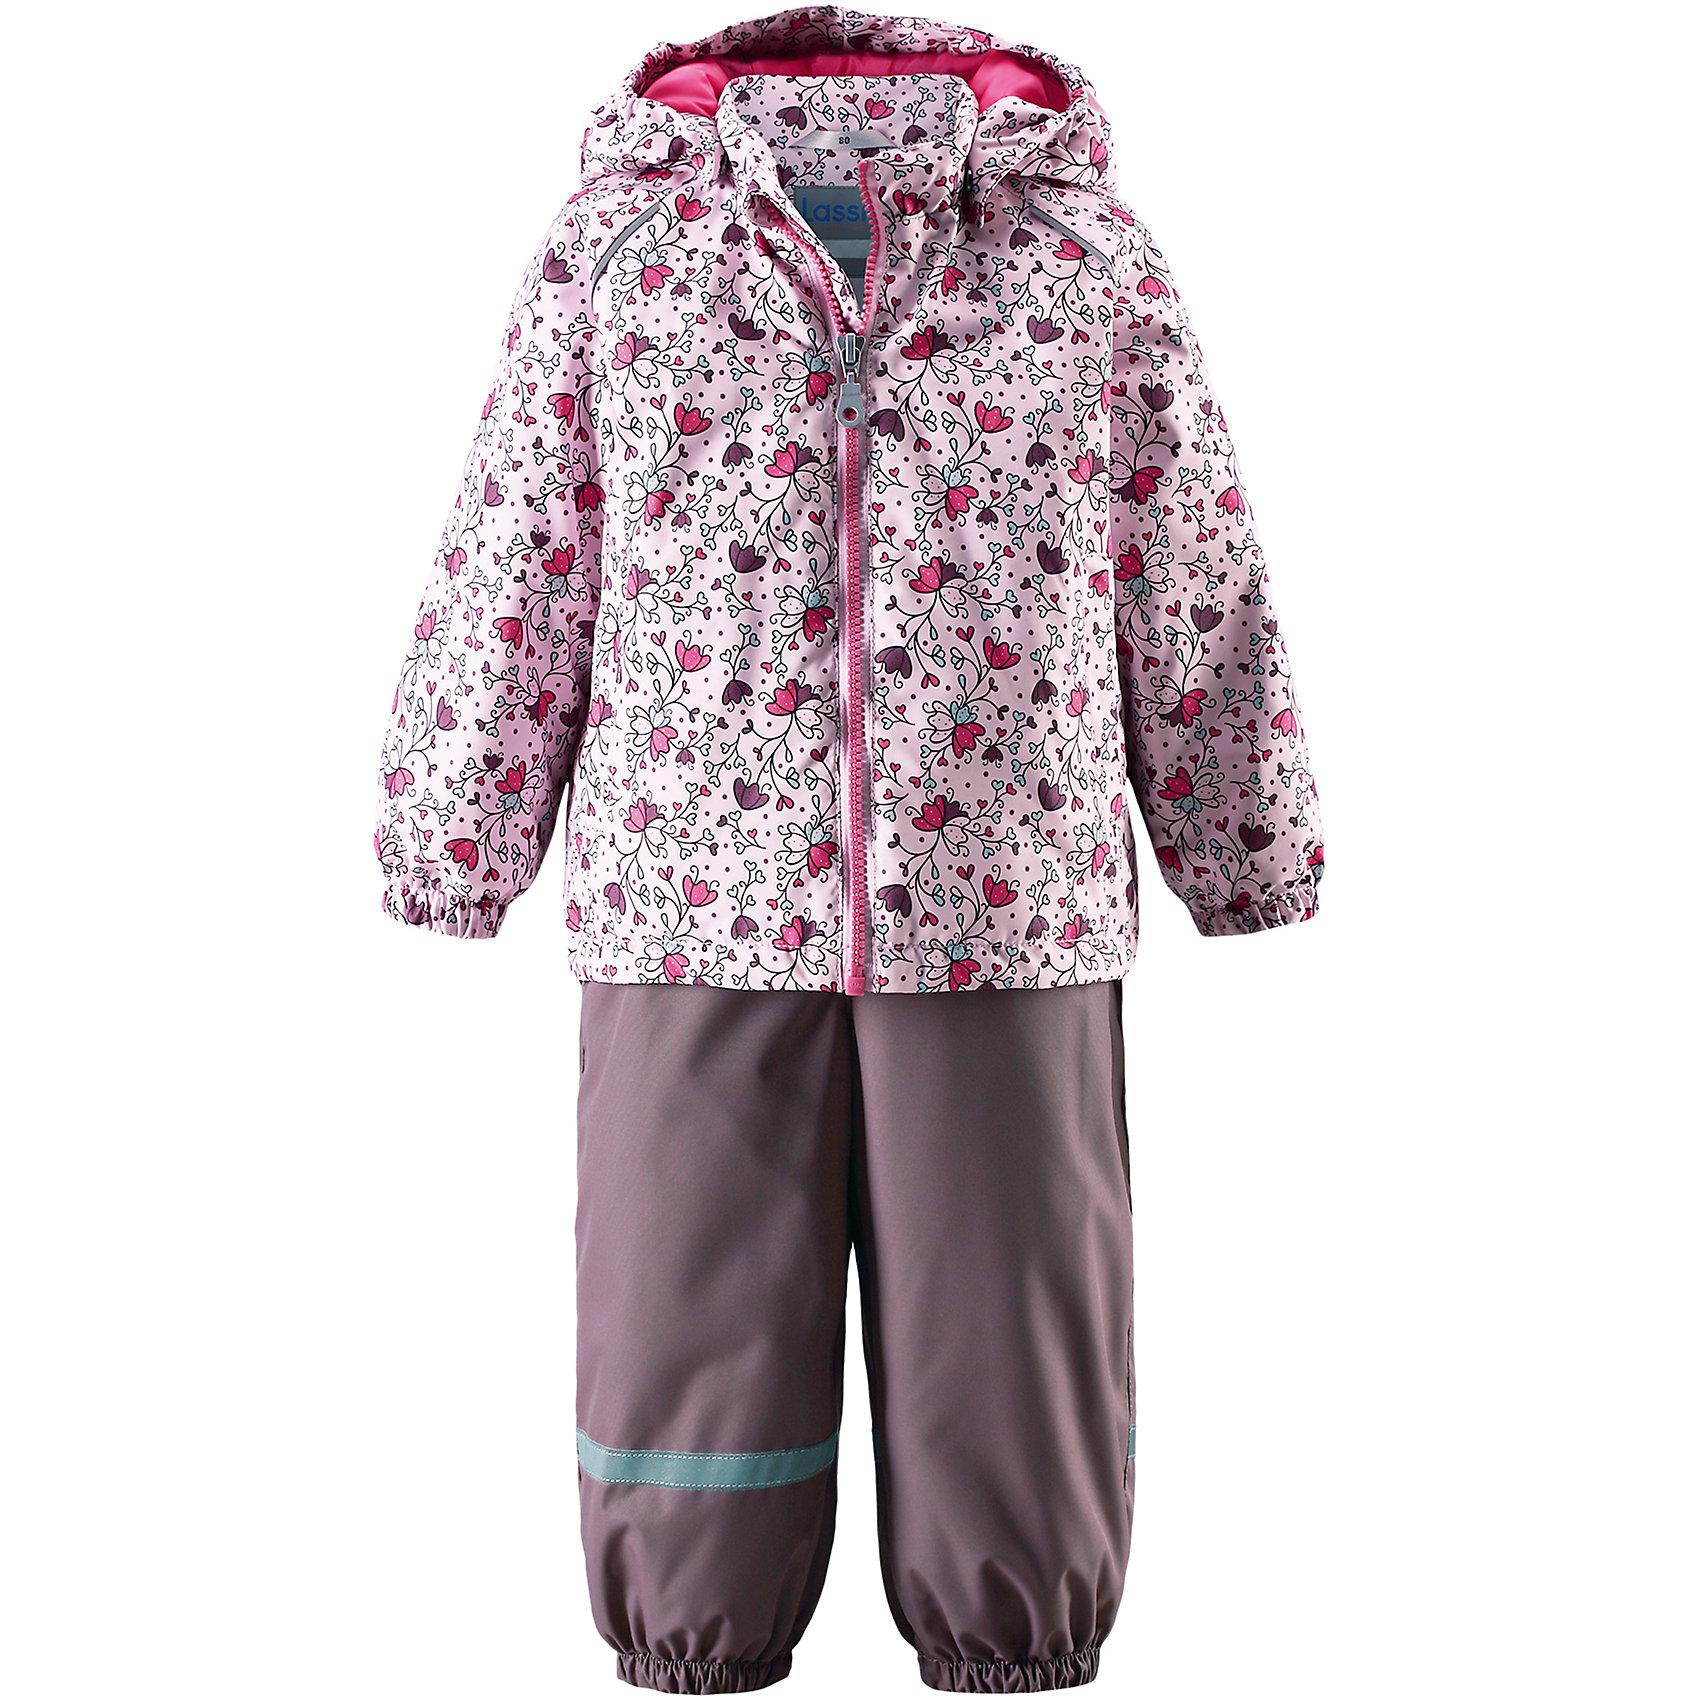 Комплект LASSIEВерхняя одежда<br>Комплект LASSIE<br>Состав:<br>100% Полиэстер, полиуретановое покрытие<br> Демисезонный комплект для самых маленьких.<br> Водоотталкивающий, ветронепроницаемый и «дышащий» материал.<br> Гладкая подкладка из полиэстра.<br> Легкая степень утепления.<br> Безопасный, съемный капюшон.<br> Эластичные манжеты.<br> Регулируемый обхват талии.<br> Эластичные штанины.<br> Съемные штрипки.<br> Два прорезных кармана.<br> Регулируемые эластичные подтяжки.<br><br>Ширина мм: 356<br>Глубина мм: 10<br>Высота мм: 245<br>Вес г: 519<br>Цвет: розовый<br>Возраст от месяцев: 6<br>Возраст до месяцев: 9<br>Пол: Женский<br>Возраст: Детский<br>Размер: 74,92,98,86,80<br>SKU: 5264886